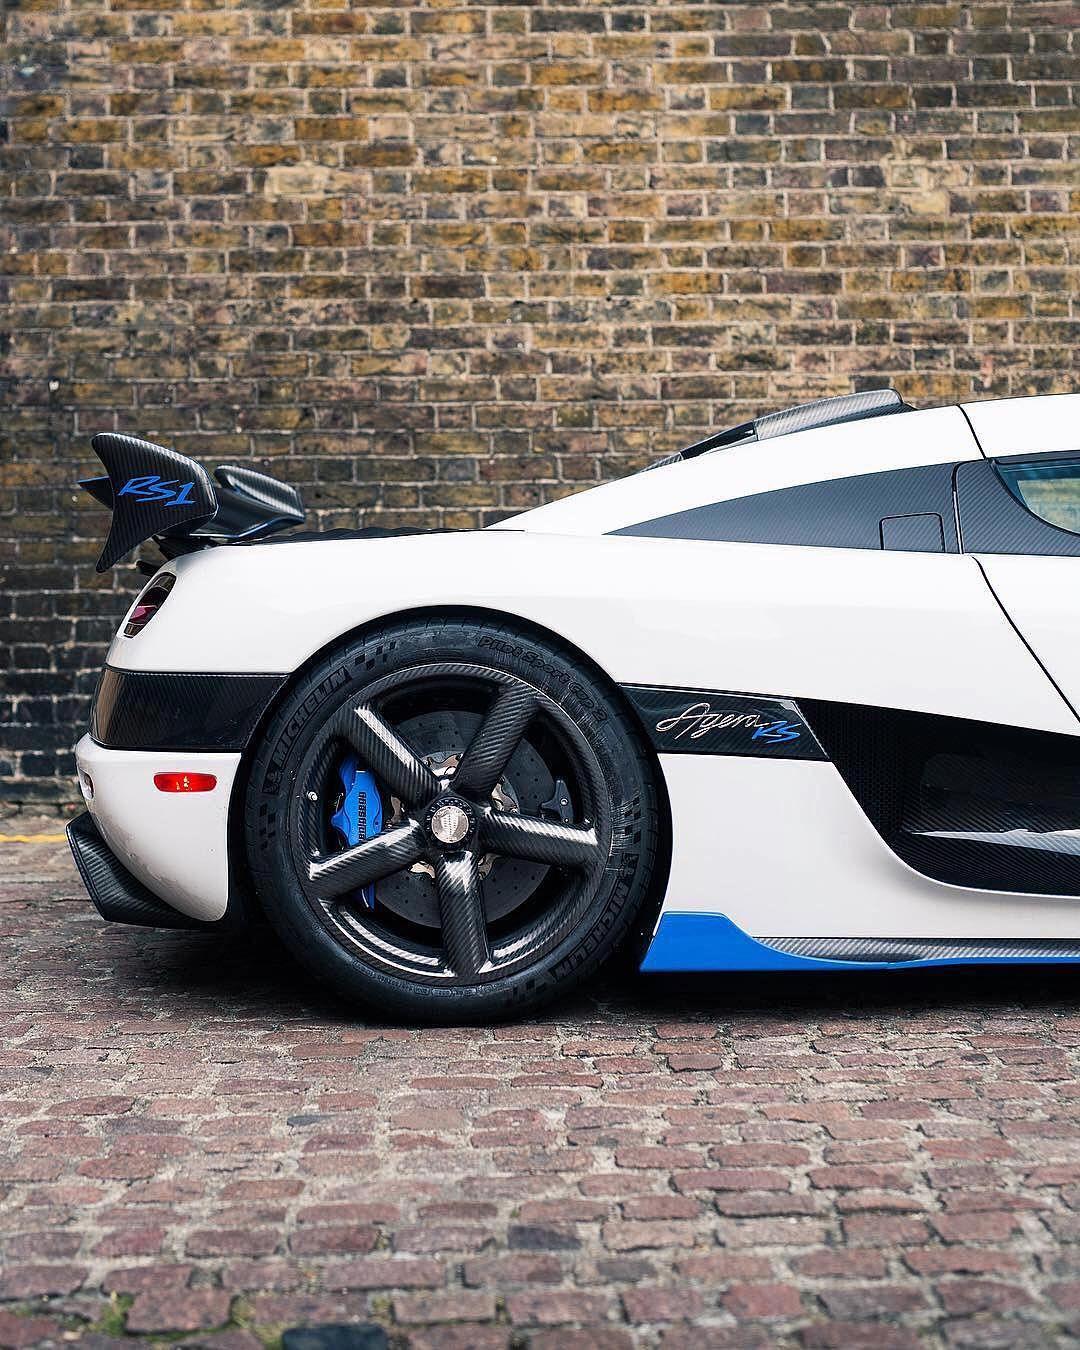 Supercar Koenigsegg: #blacklist #koenigsegg